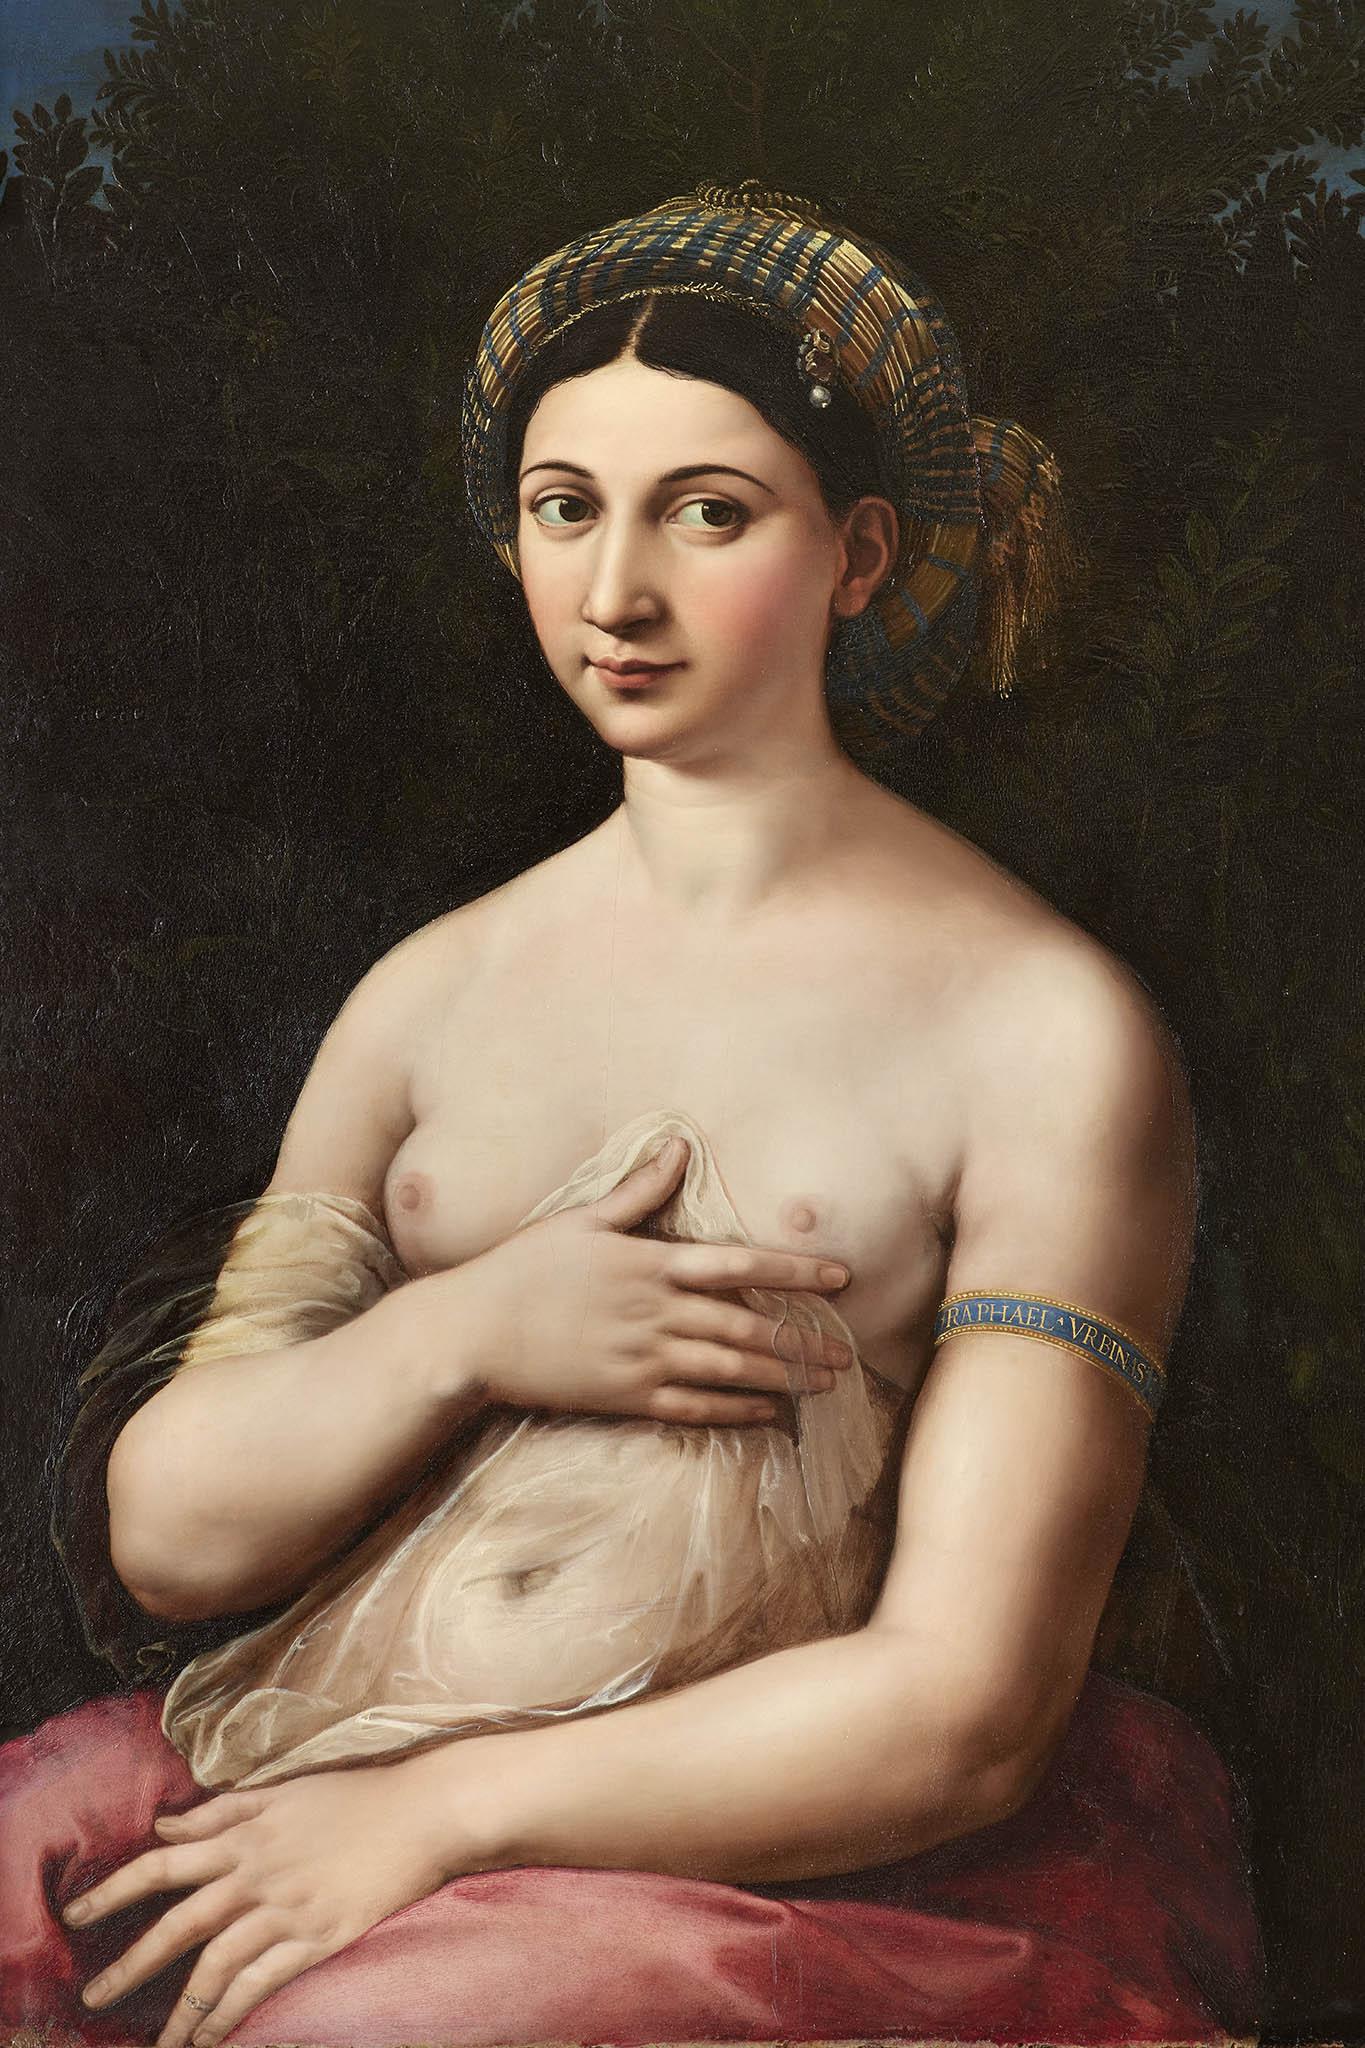 Raffael: Portrét ženy jako Venuše (Fornarina), 1519–1520